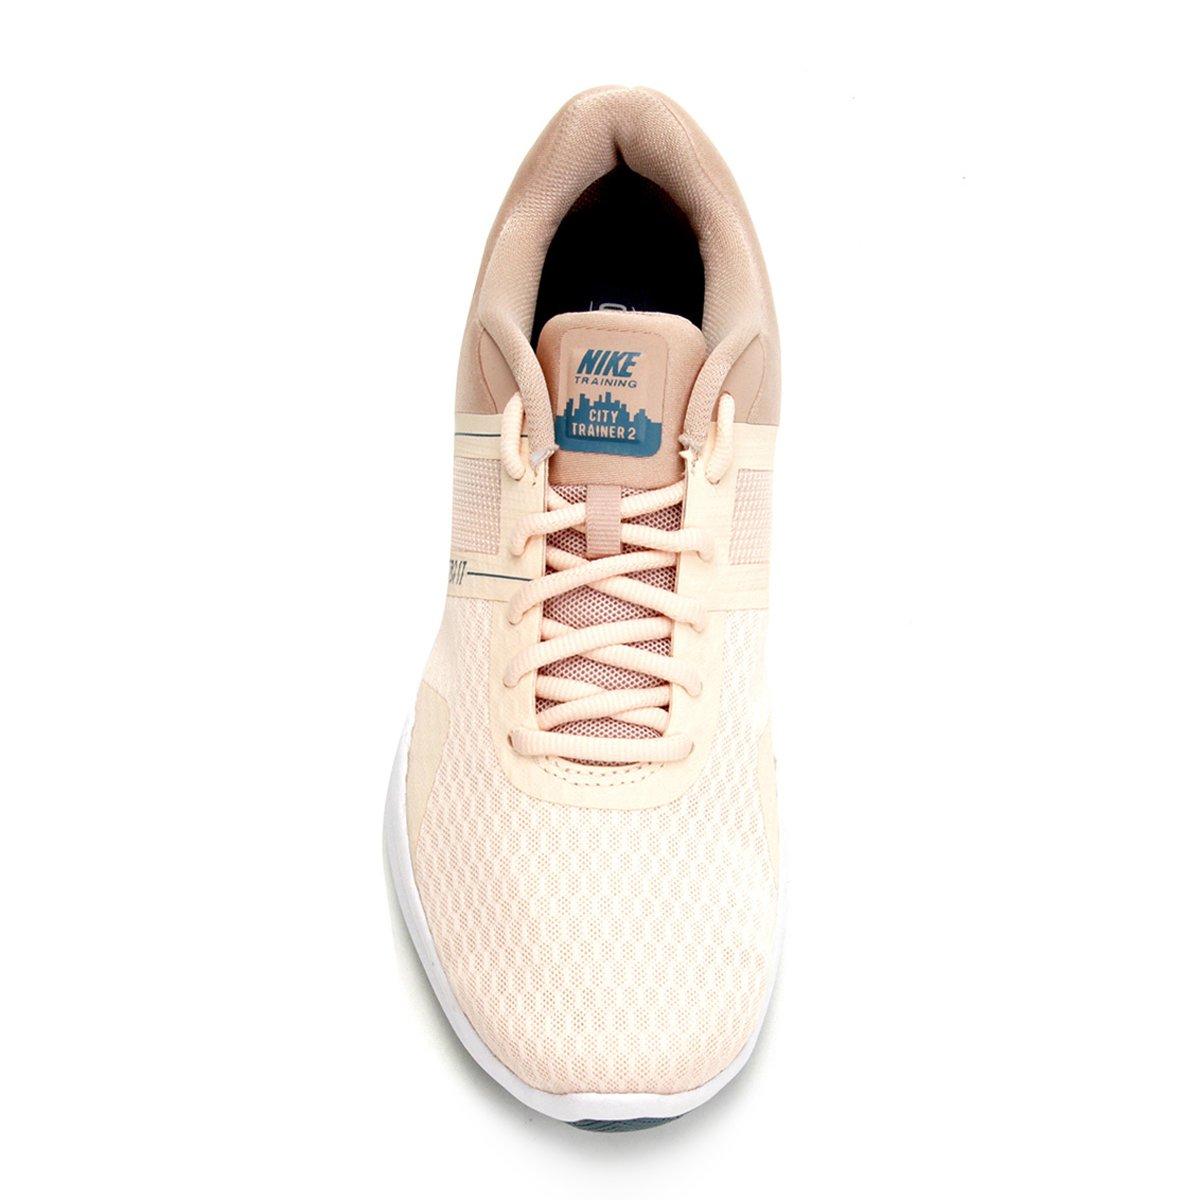 Tênis Nike City Trainer 2 Feminino - Bege e Verde - Compre Agora ... f0b226386c82e